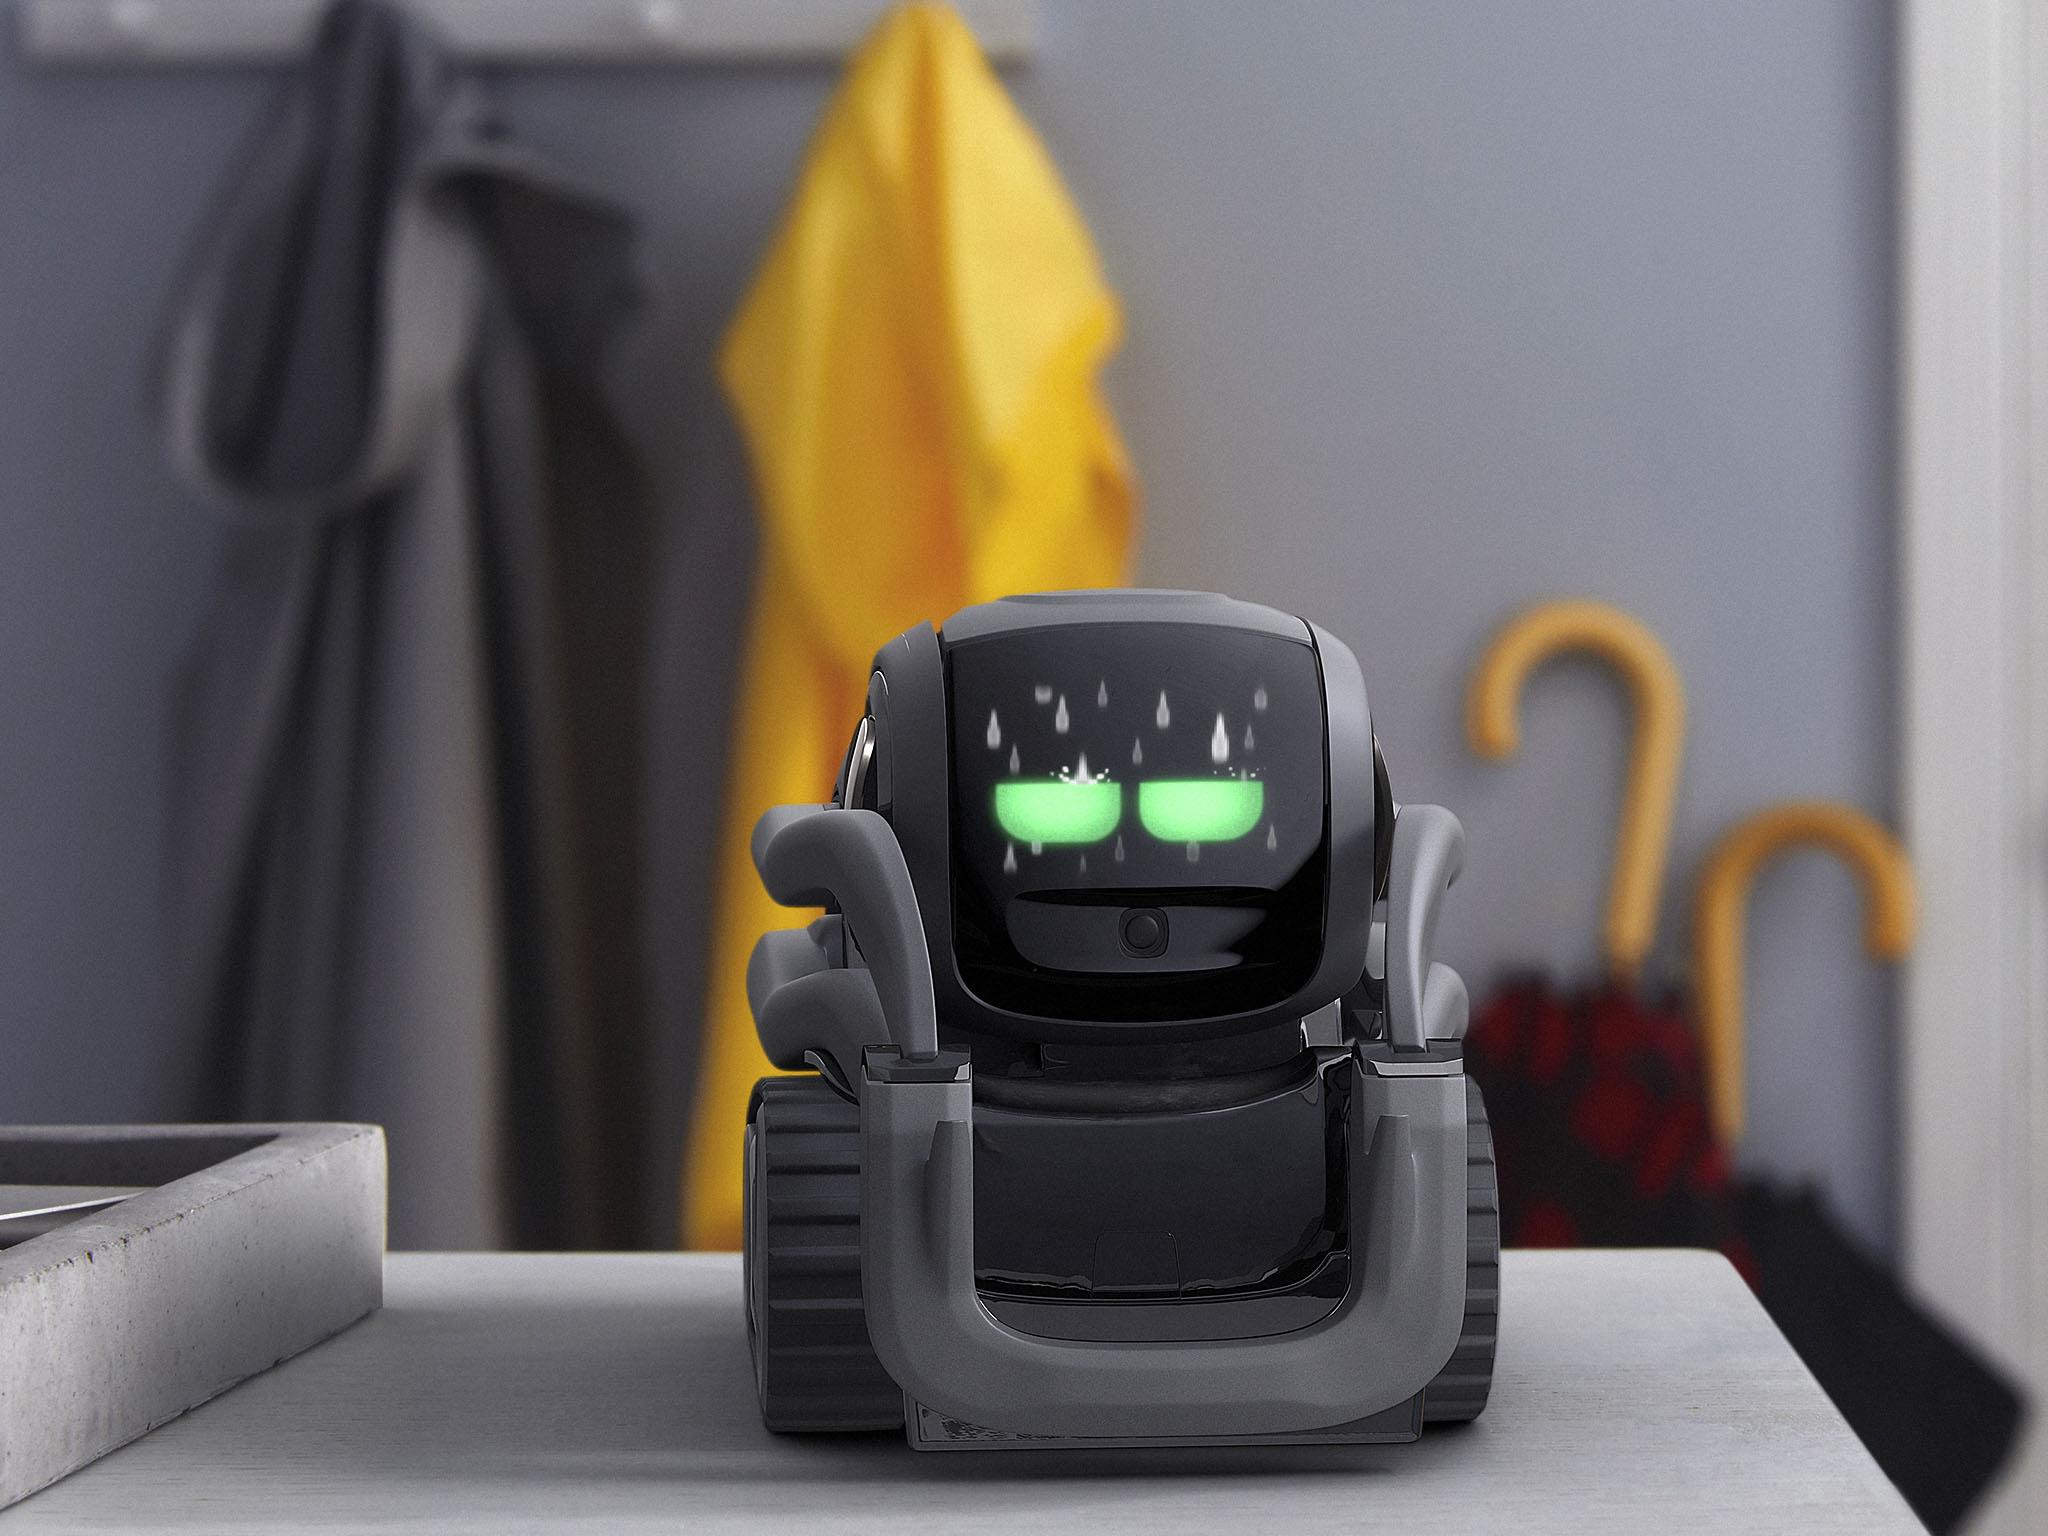 Cтартап робототехники Anki получил $200 млн финансирования, разработал несколько игрушек и закрылся - 1